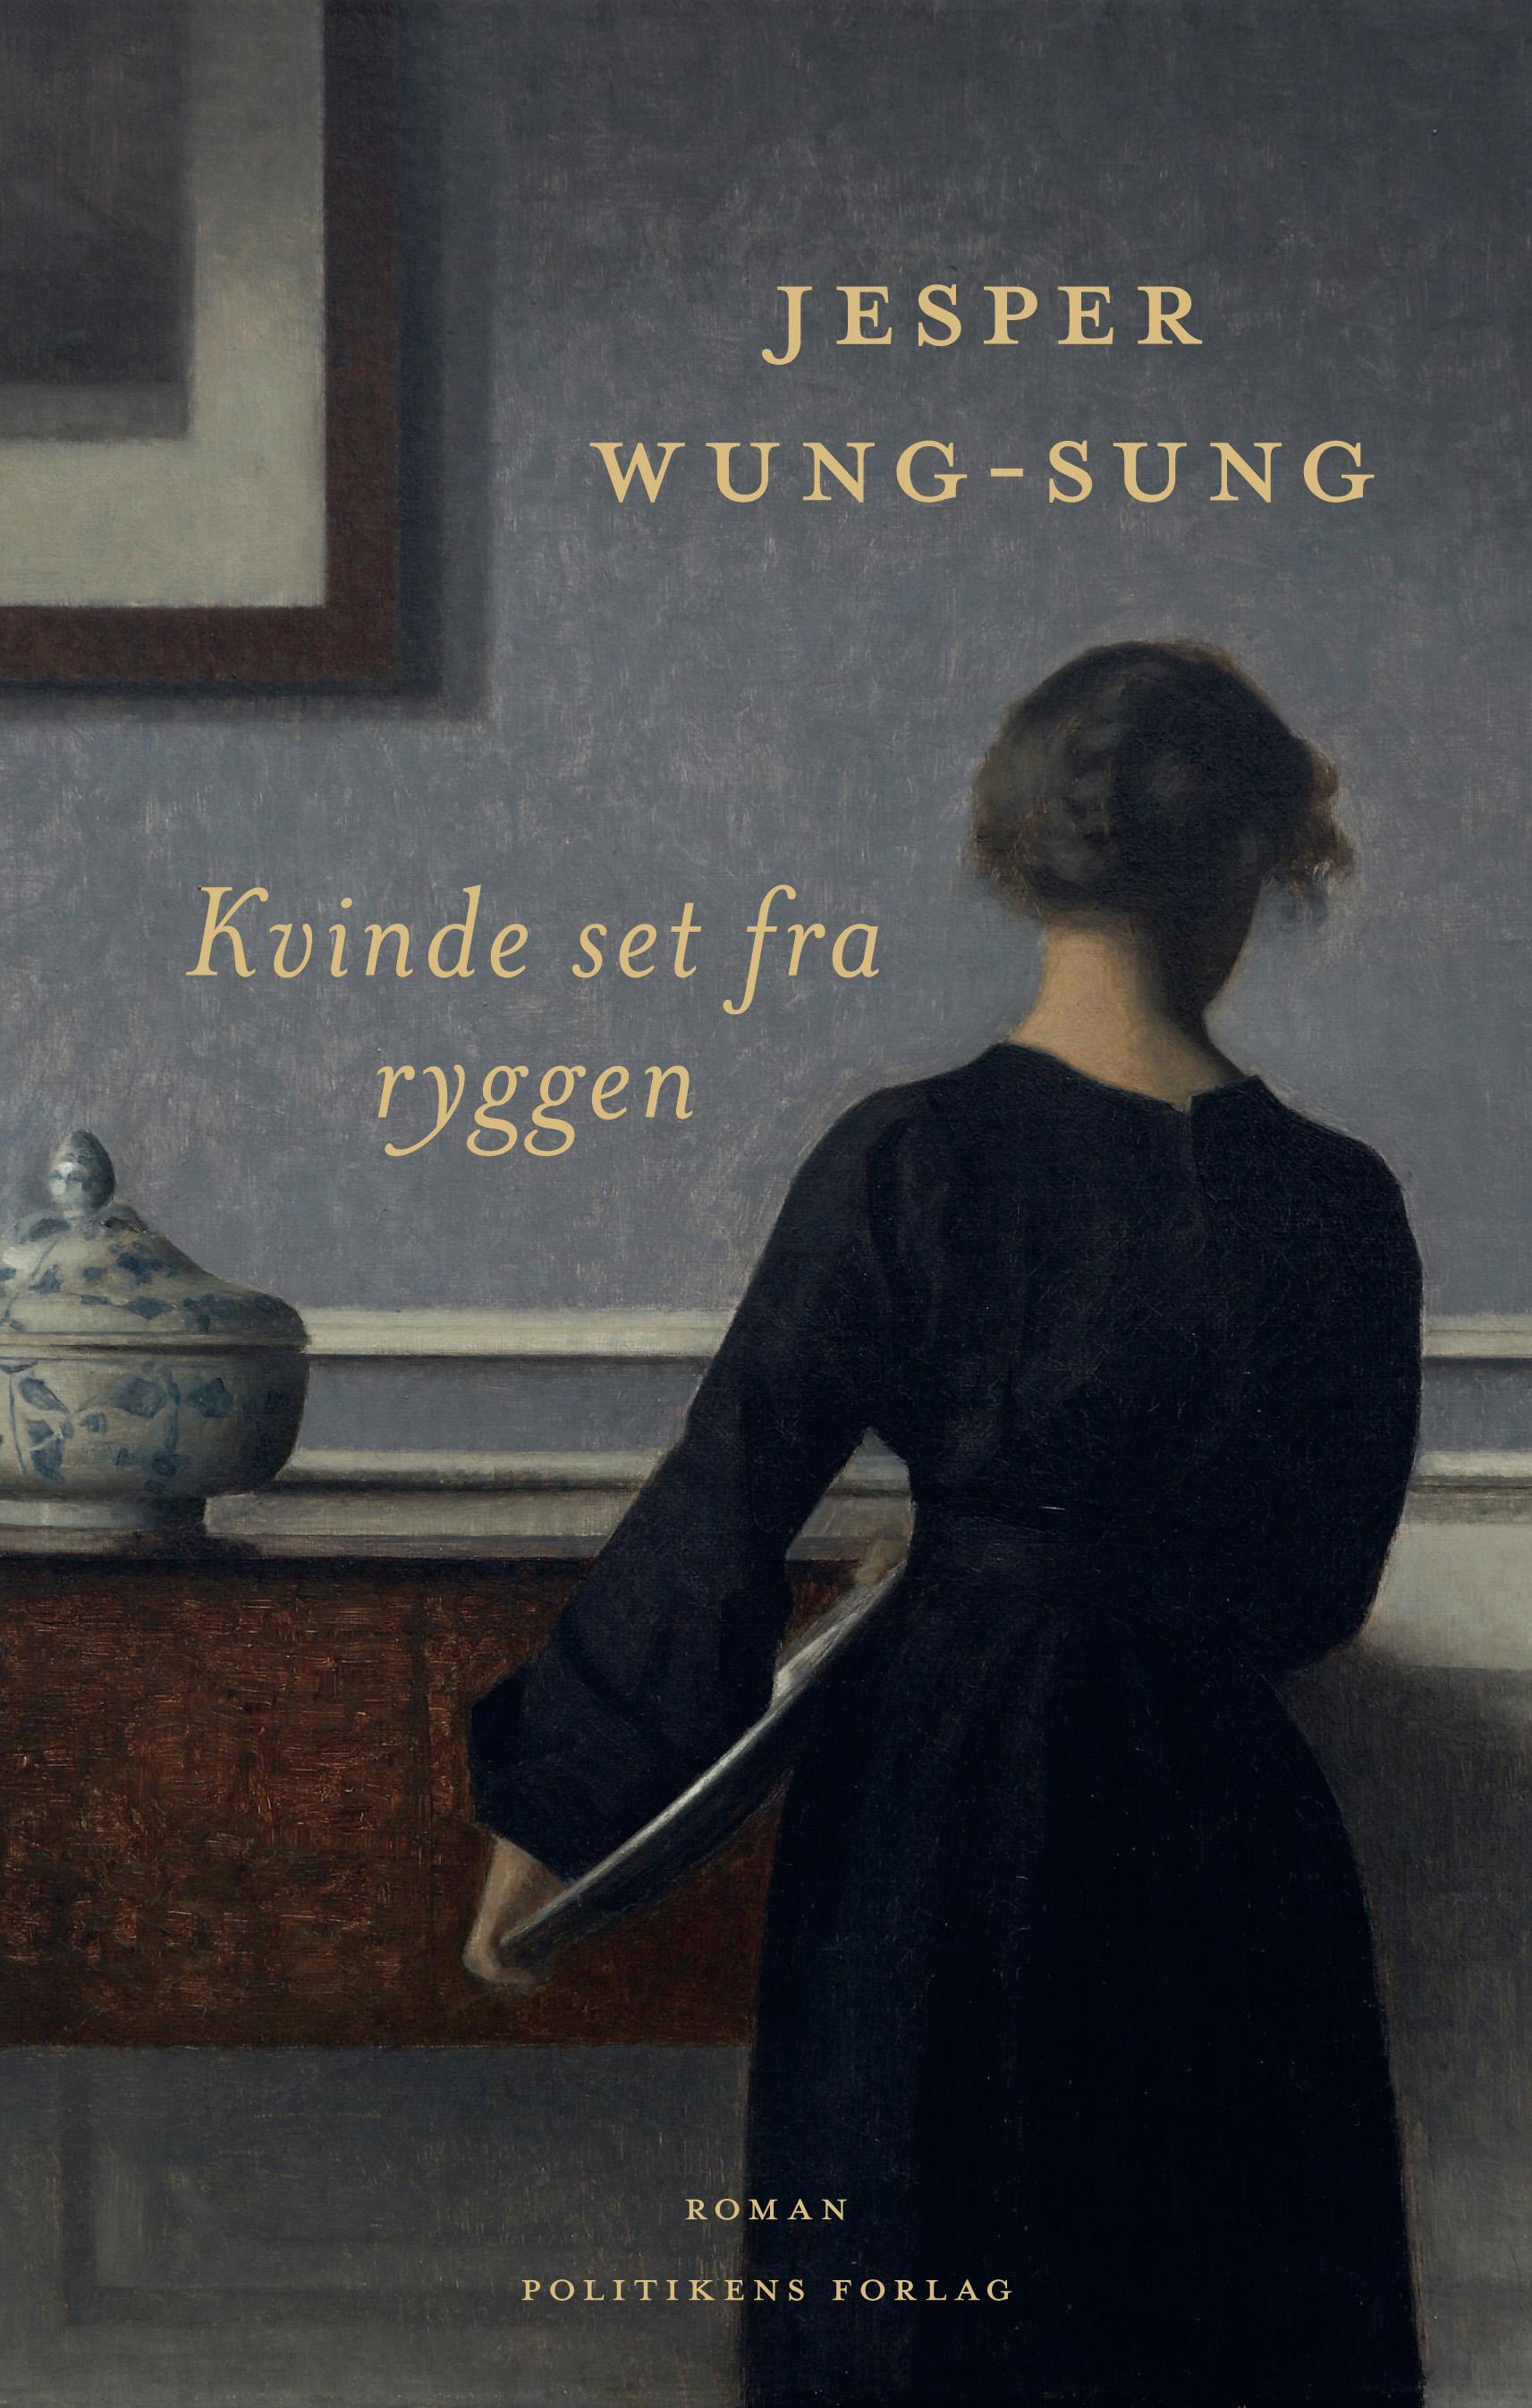 Kvinde set fra ryggen - Jesper Wung-Sung - Bøger - Politikens Forlag - 9788740067378 - March 10, 2021